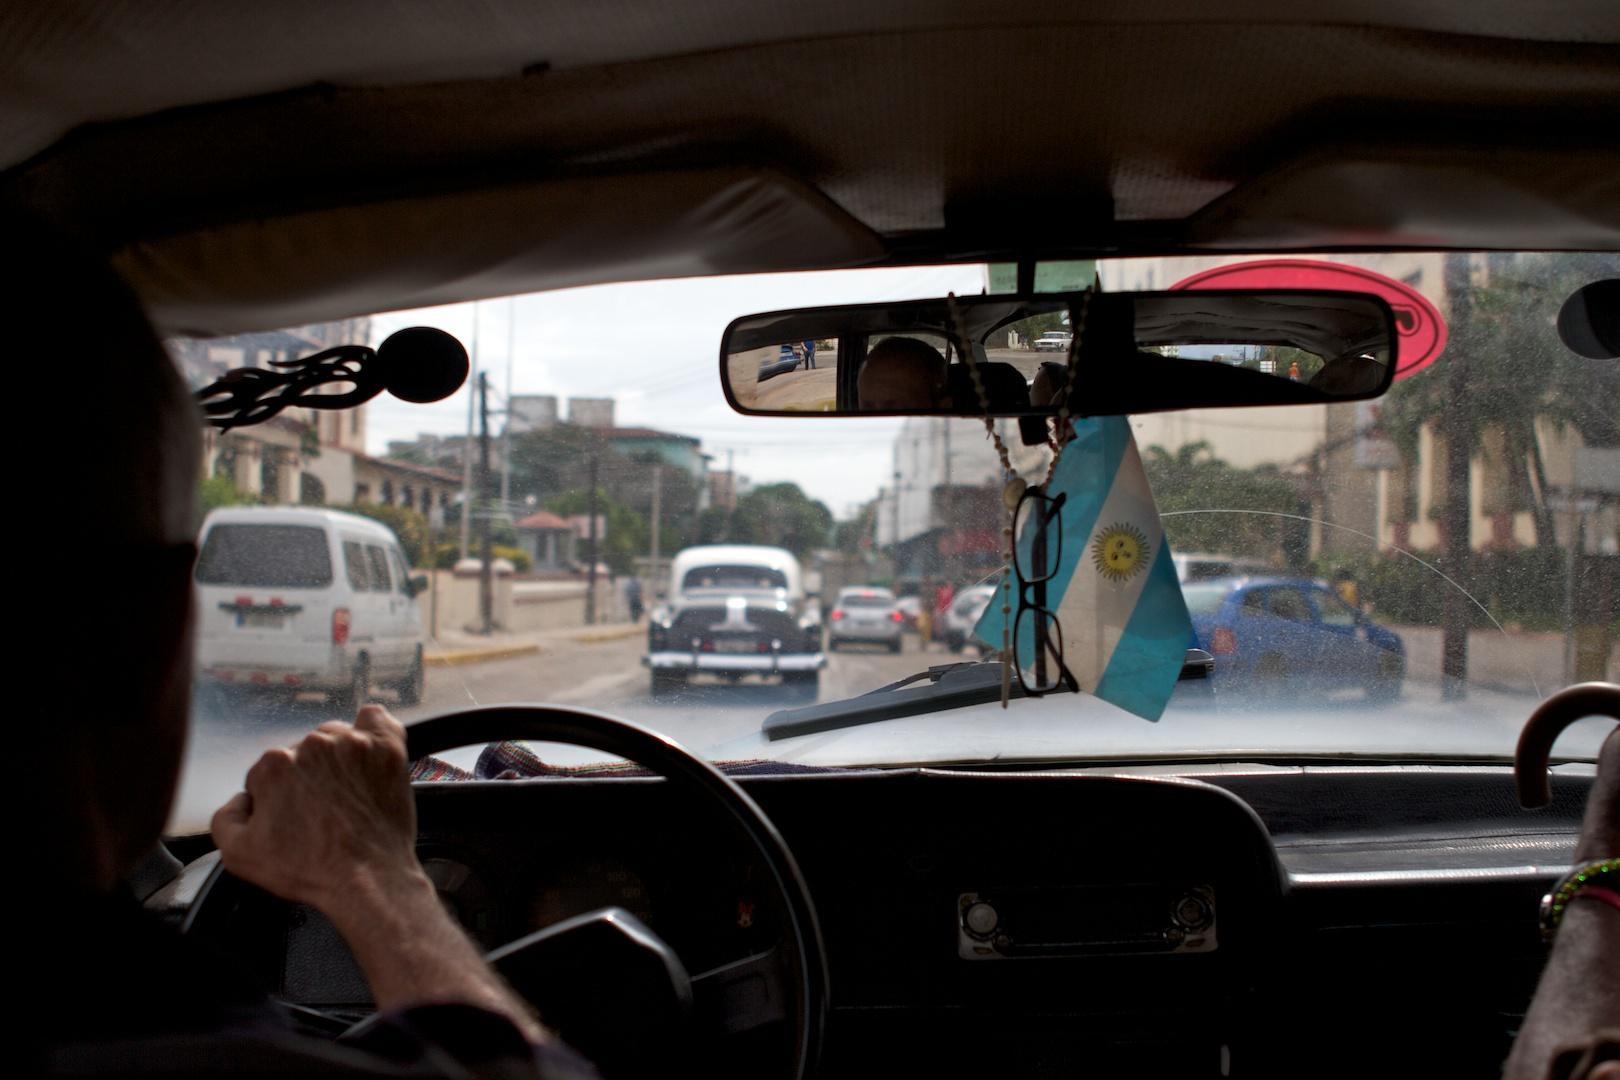 Cuba_20151130 218.jpg